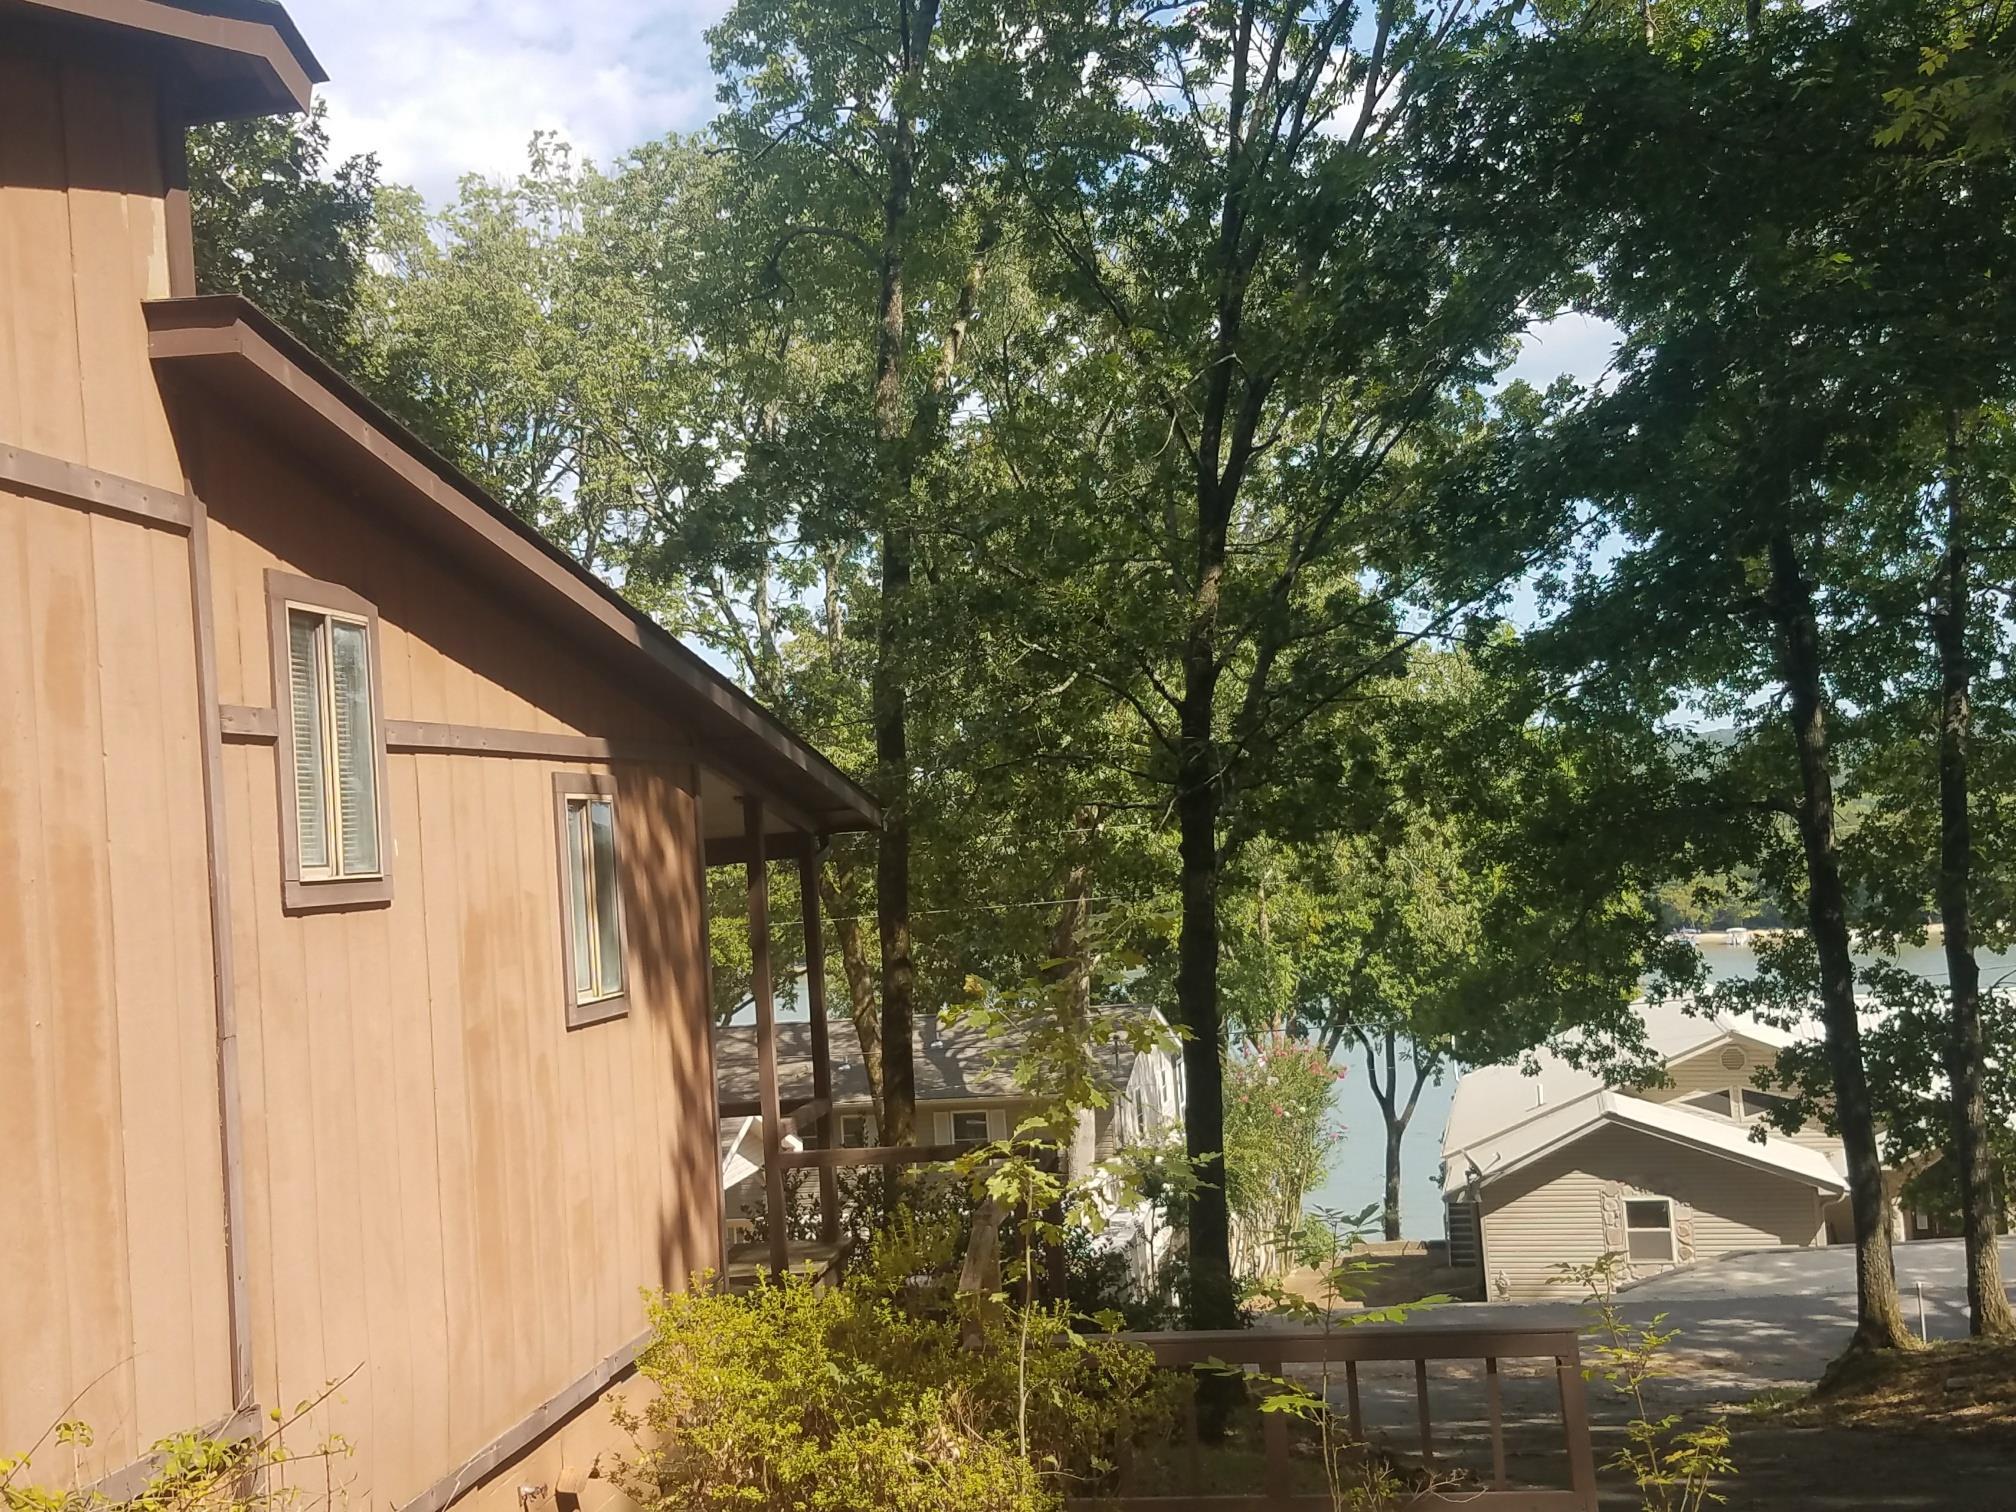 396 Lakeshore Dr, Sugar Tree, TN 38380 - Sugar Tree, TN real estate listing